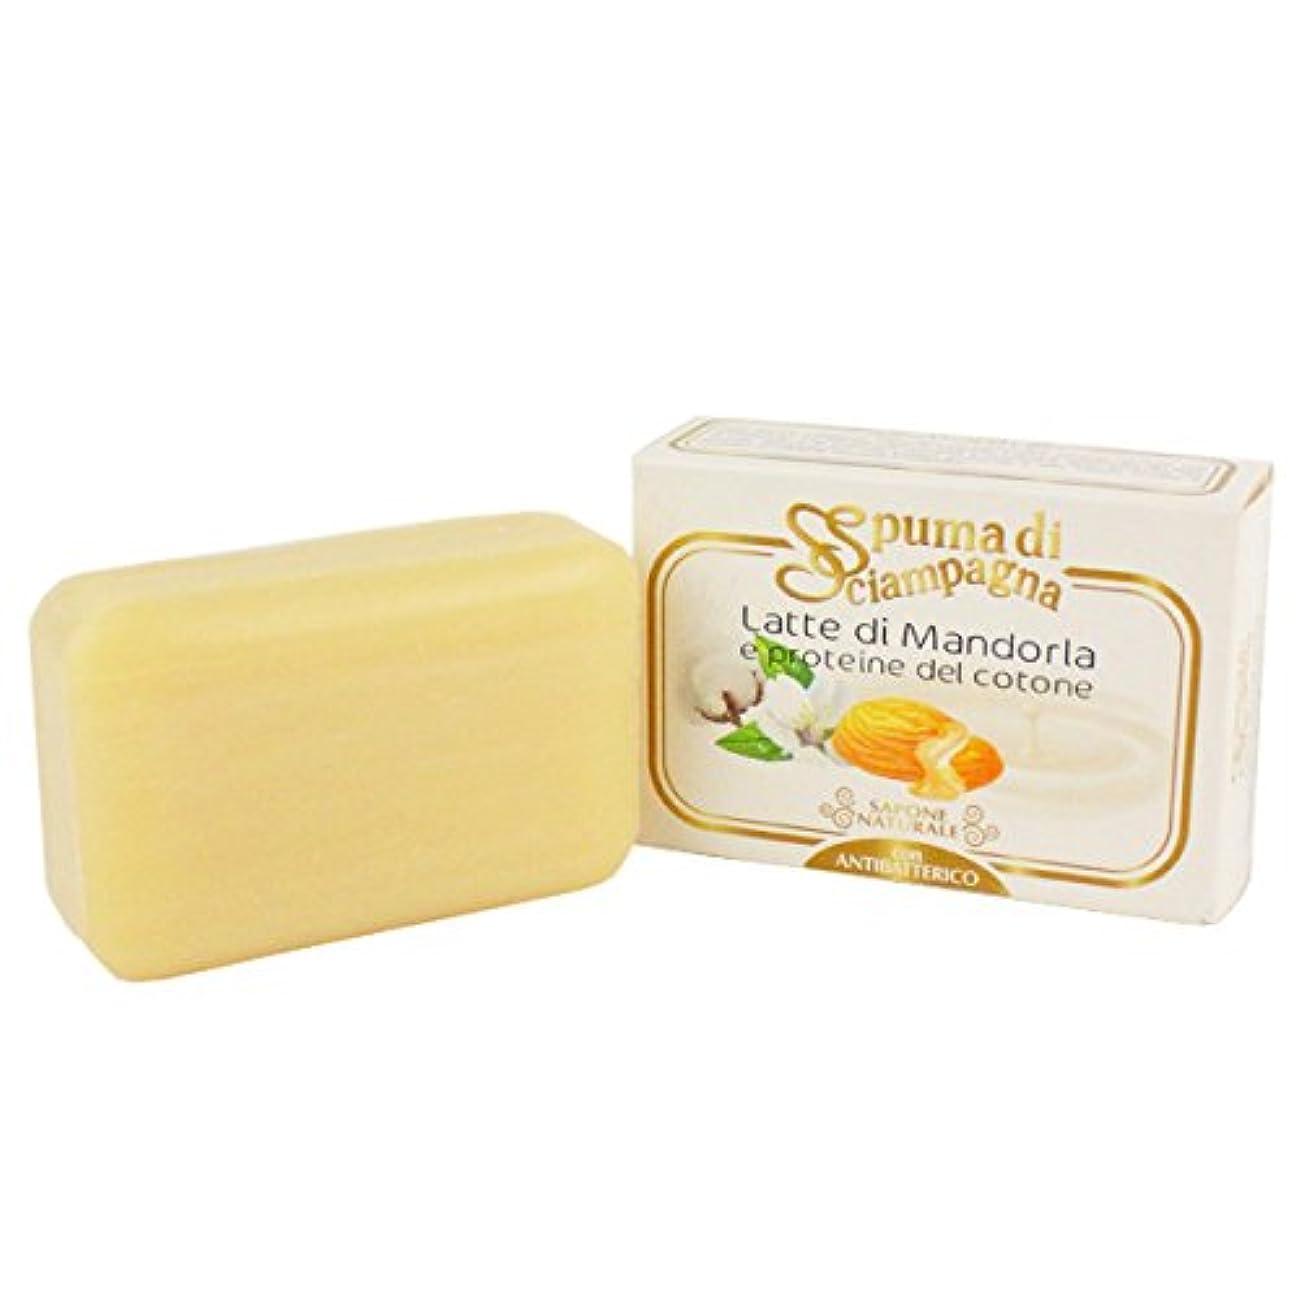 ラフ繊維願望Spuma di Sciampagna (スプーマ ディ シャンパーニャ) ナチュラルソープ 化粧石けん 145g アーモンドの香り